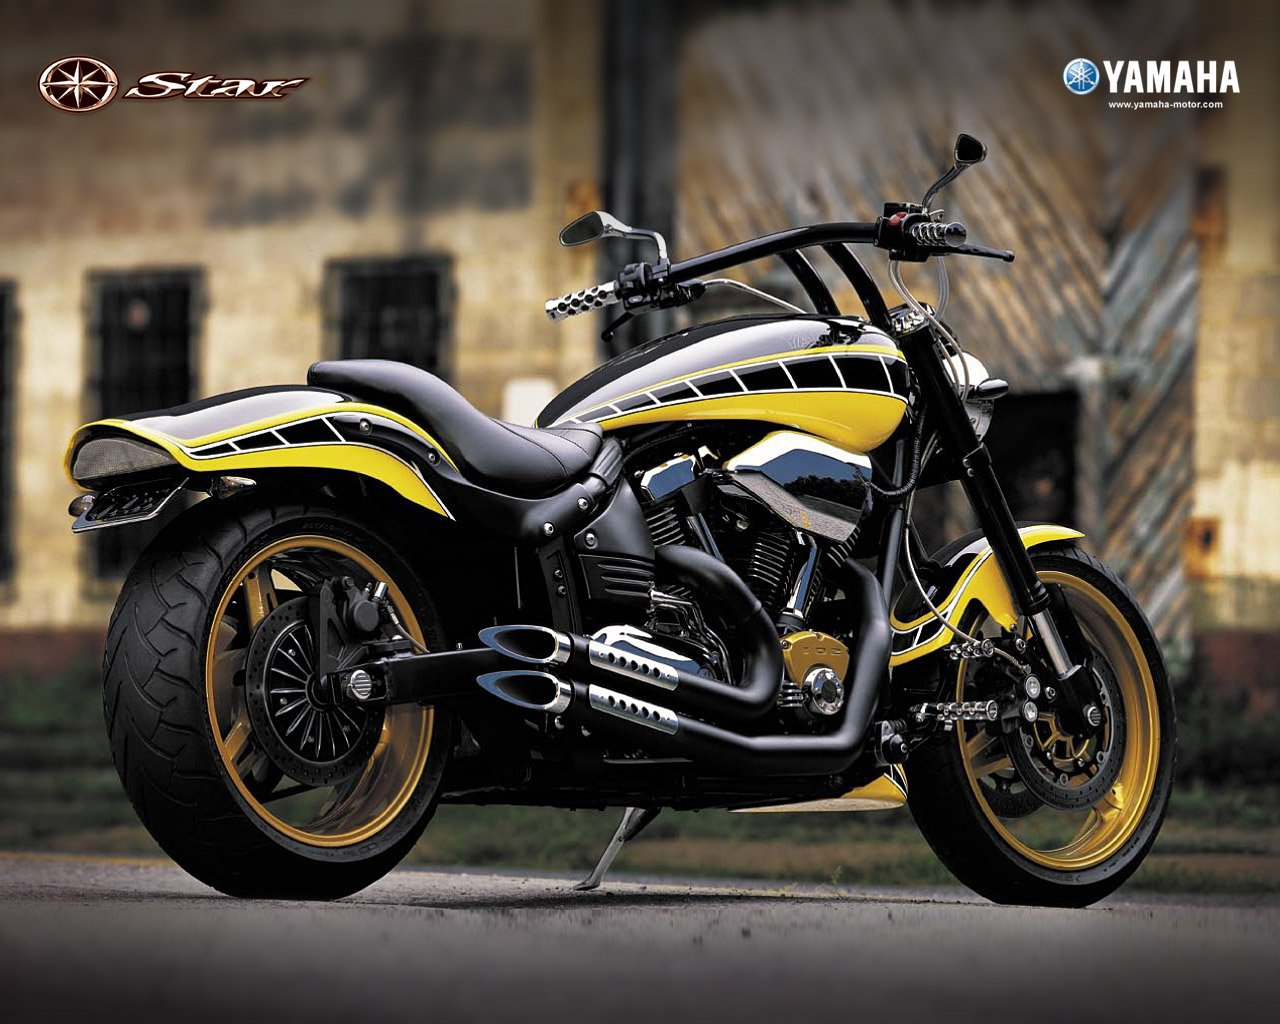 http://4.bp.blogspot.com/-Ivb4an3ogQ4/TZ7tSVIWjdI/AAAAAAAADC0/aJ_C_tr4HOo/s1600/Yamaha_Star_Bike_10480.jpg